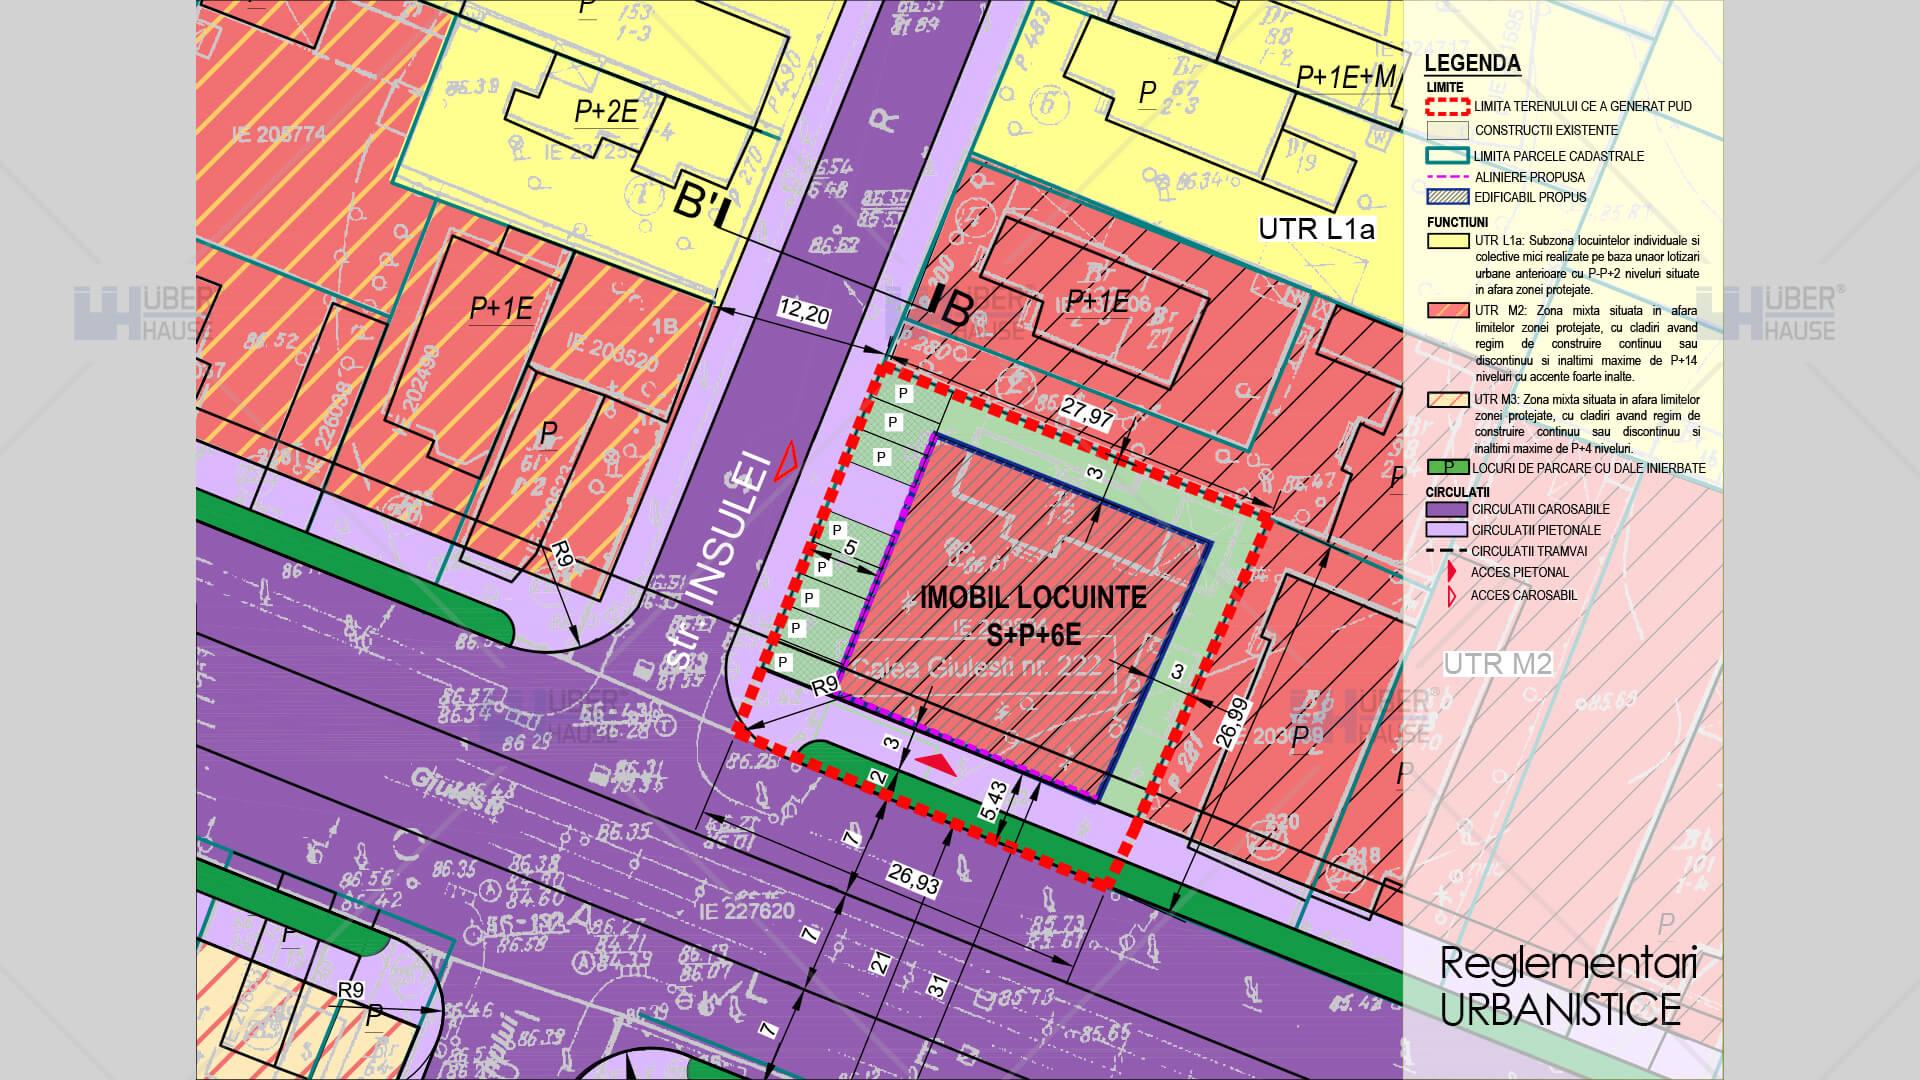 Certificat de urbanism